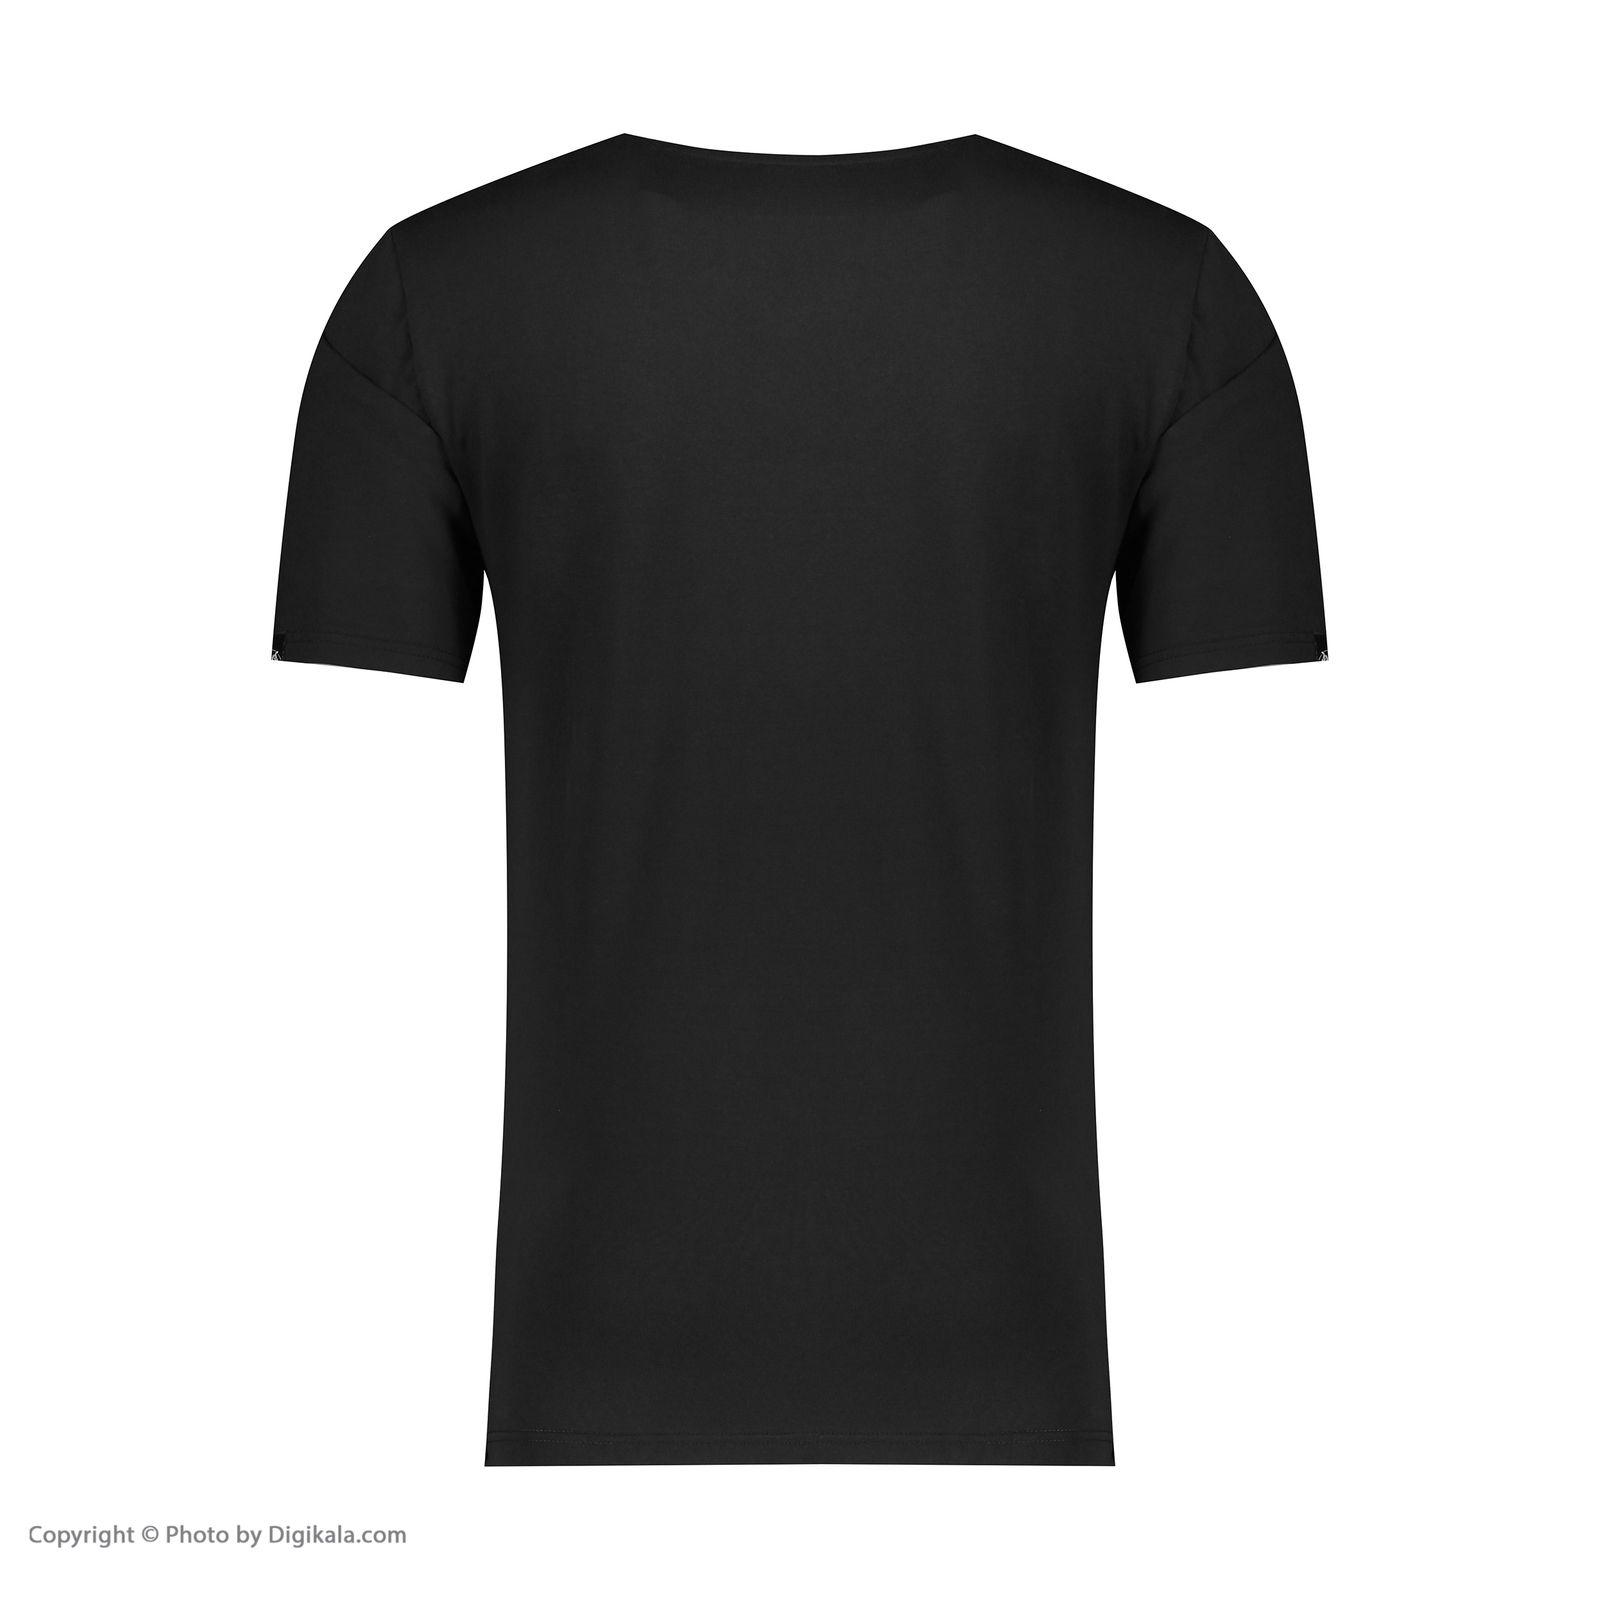 تی شرت مردانه پاتن جامه مدل 99M5224 رنگ مشکی -  - 3